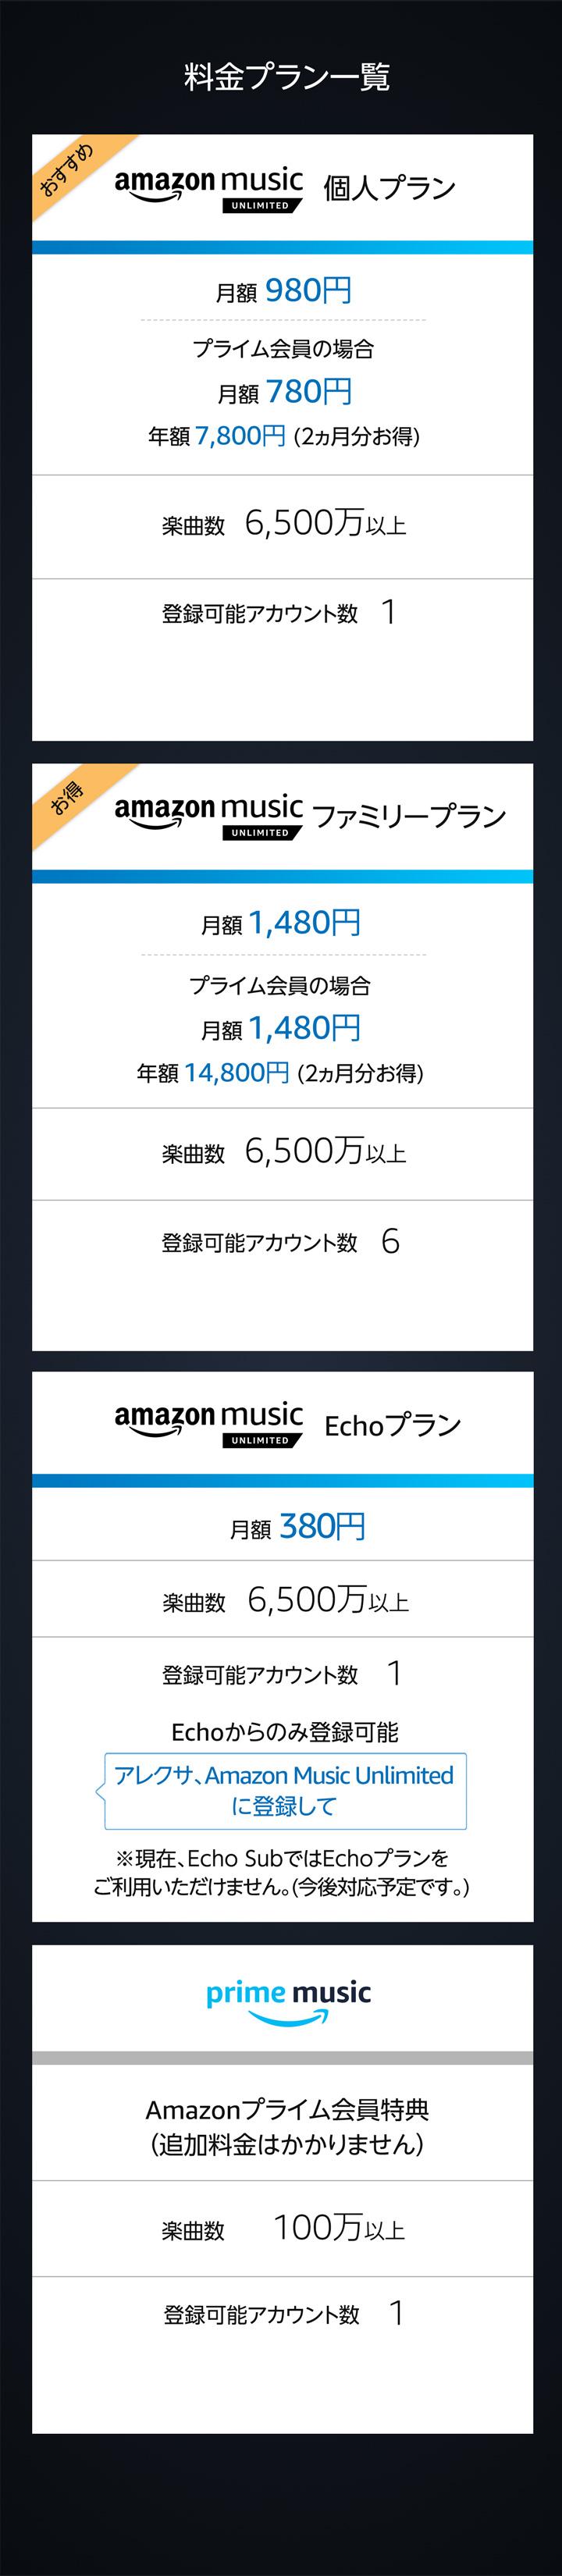 料金プラン一覧。Amazon Music Unlimited個人プランは楽曲数4,000万以上、登録可能アカウント数1つで月額980円。プライム会員の場合月額780円(年額7,800円 - 2ヶ月分お得)。ファミリープランは楽曲数4,000万以上、登録可能アカウント数6つで月額1,480円。プライム会員の場合月額1,480円(年額14,800円 - 2ヶ月分お得)。Echoプランは楽曲数4,000万以上、登録可能アカウント数1つで月額料金380円。Echoからのみ登録可能。「アレクサ、Amazon Music Unlimitedに登録して」と話しかけるだけ。Prime Musicは楽曲数100万以上、登録可能アカウント数1つ。Amazonプライム会員特典(追加料金はかかりません)。